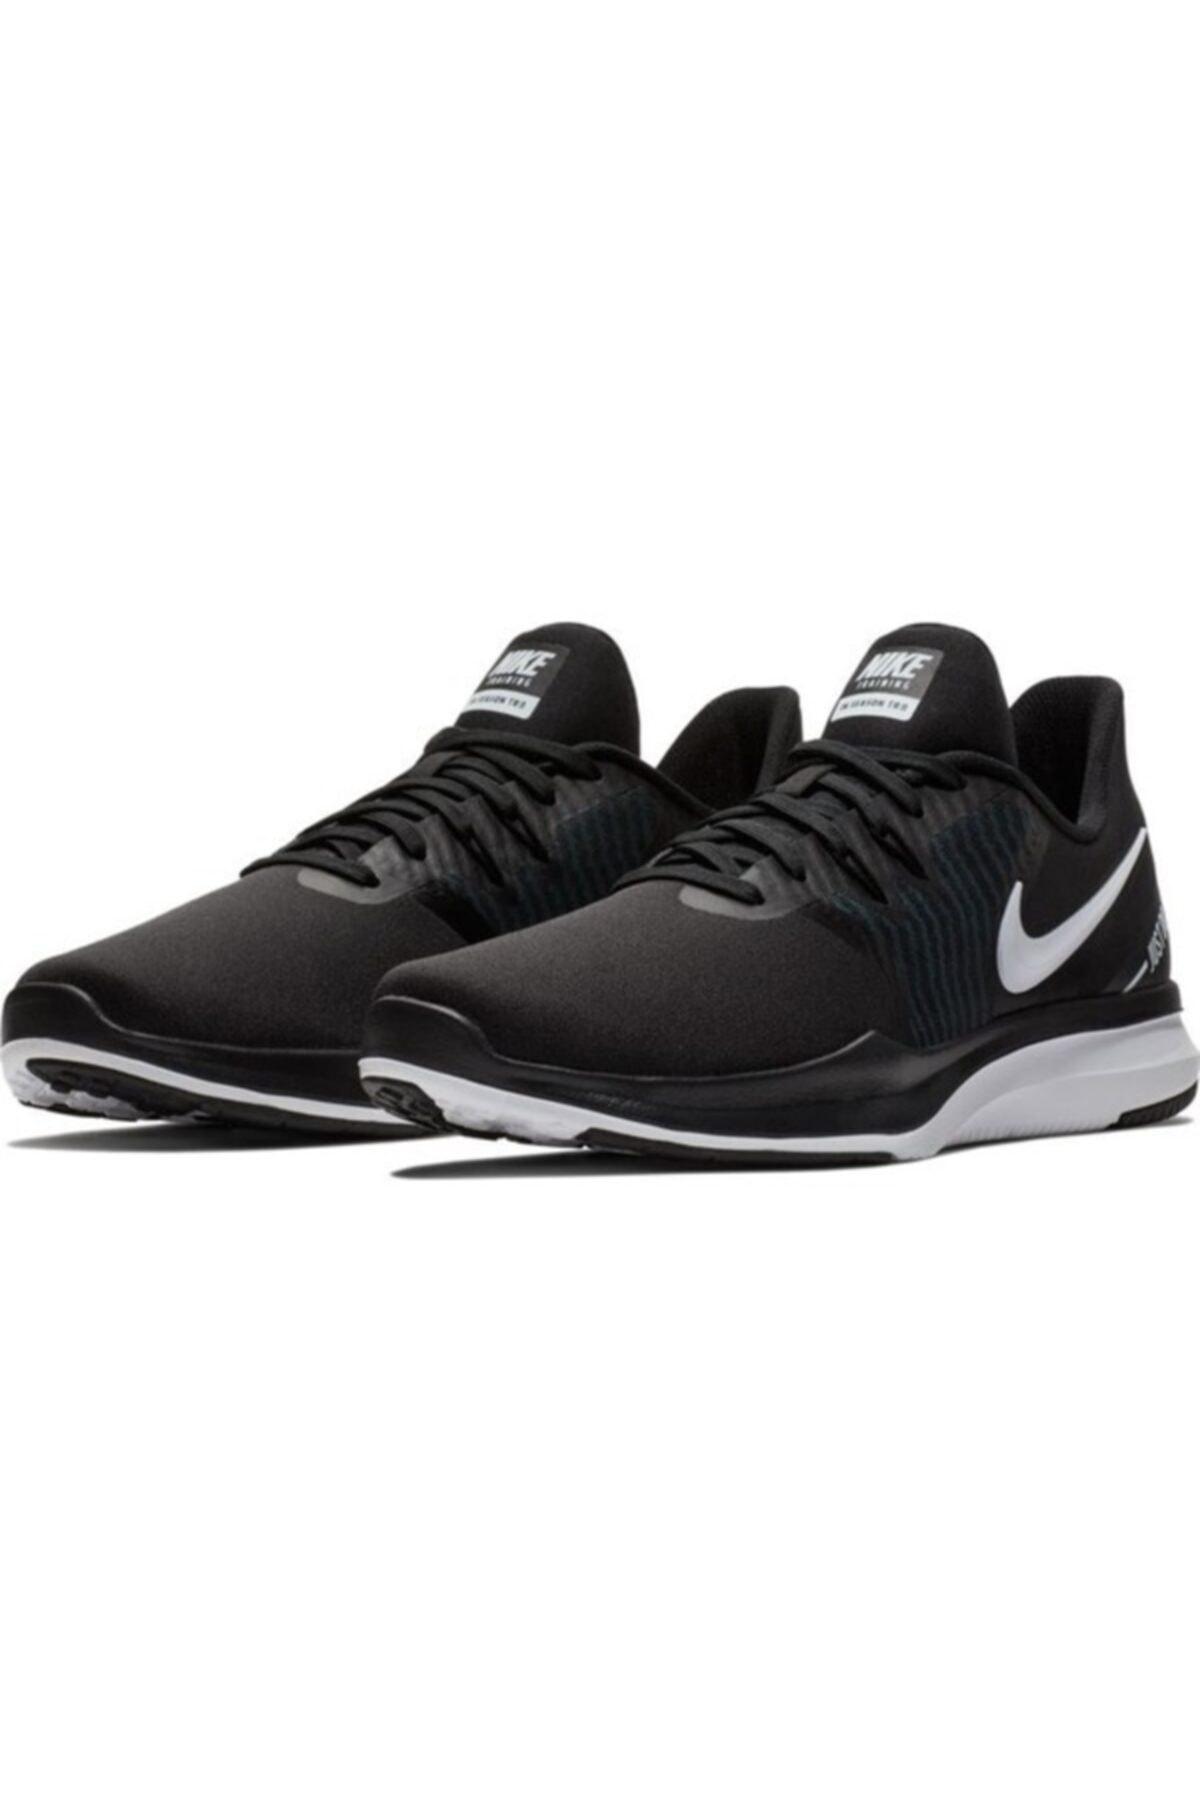 Nike Aa7773-001 In-season Tr 8 Kadın Yürüyüş Koşu Ayakkabı 2